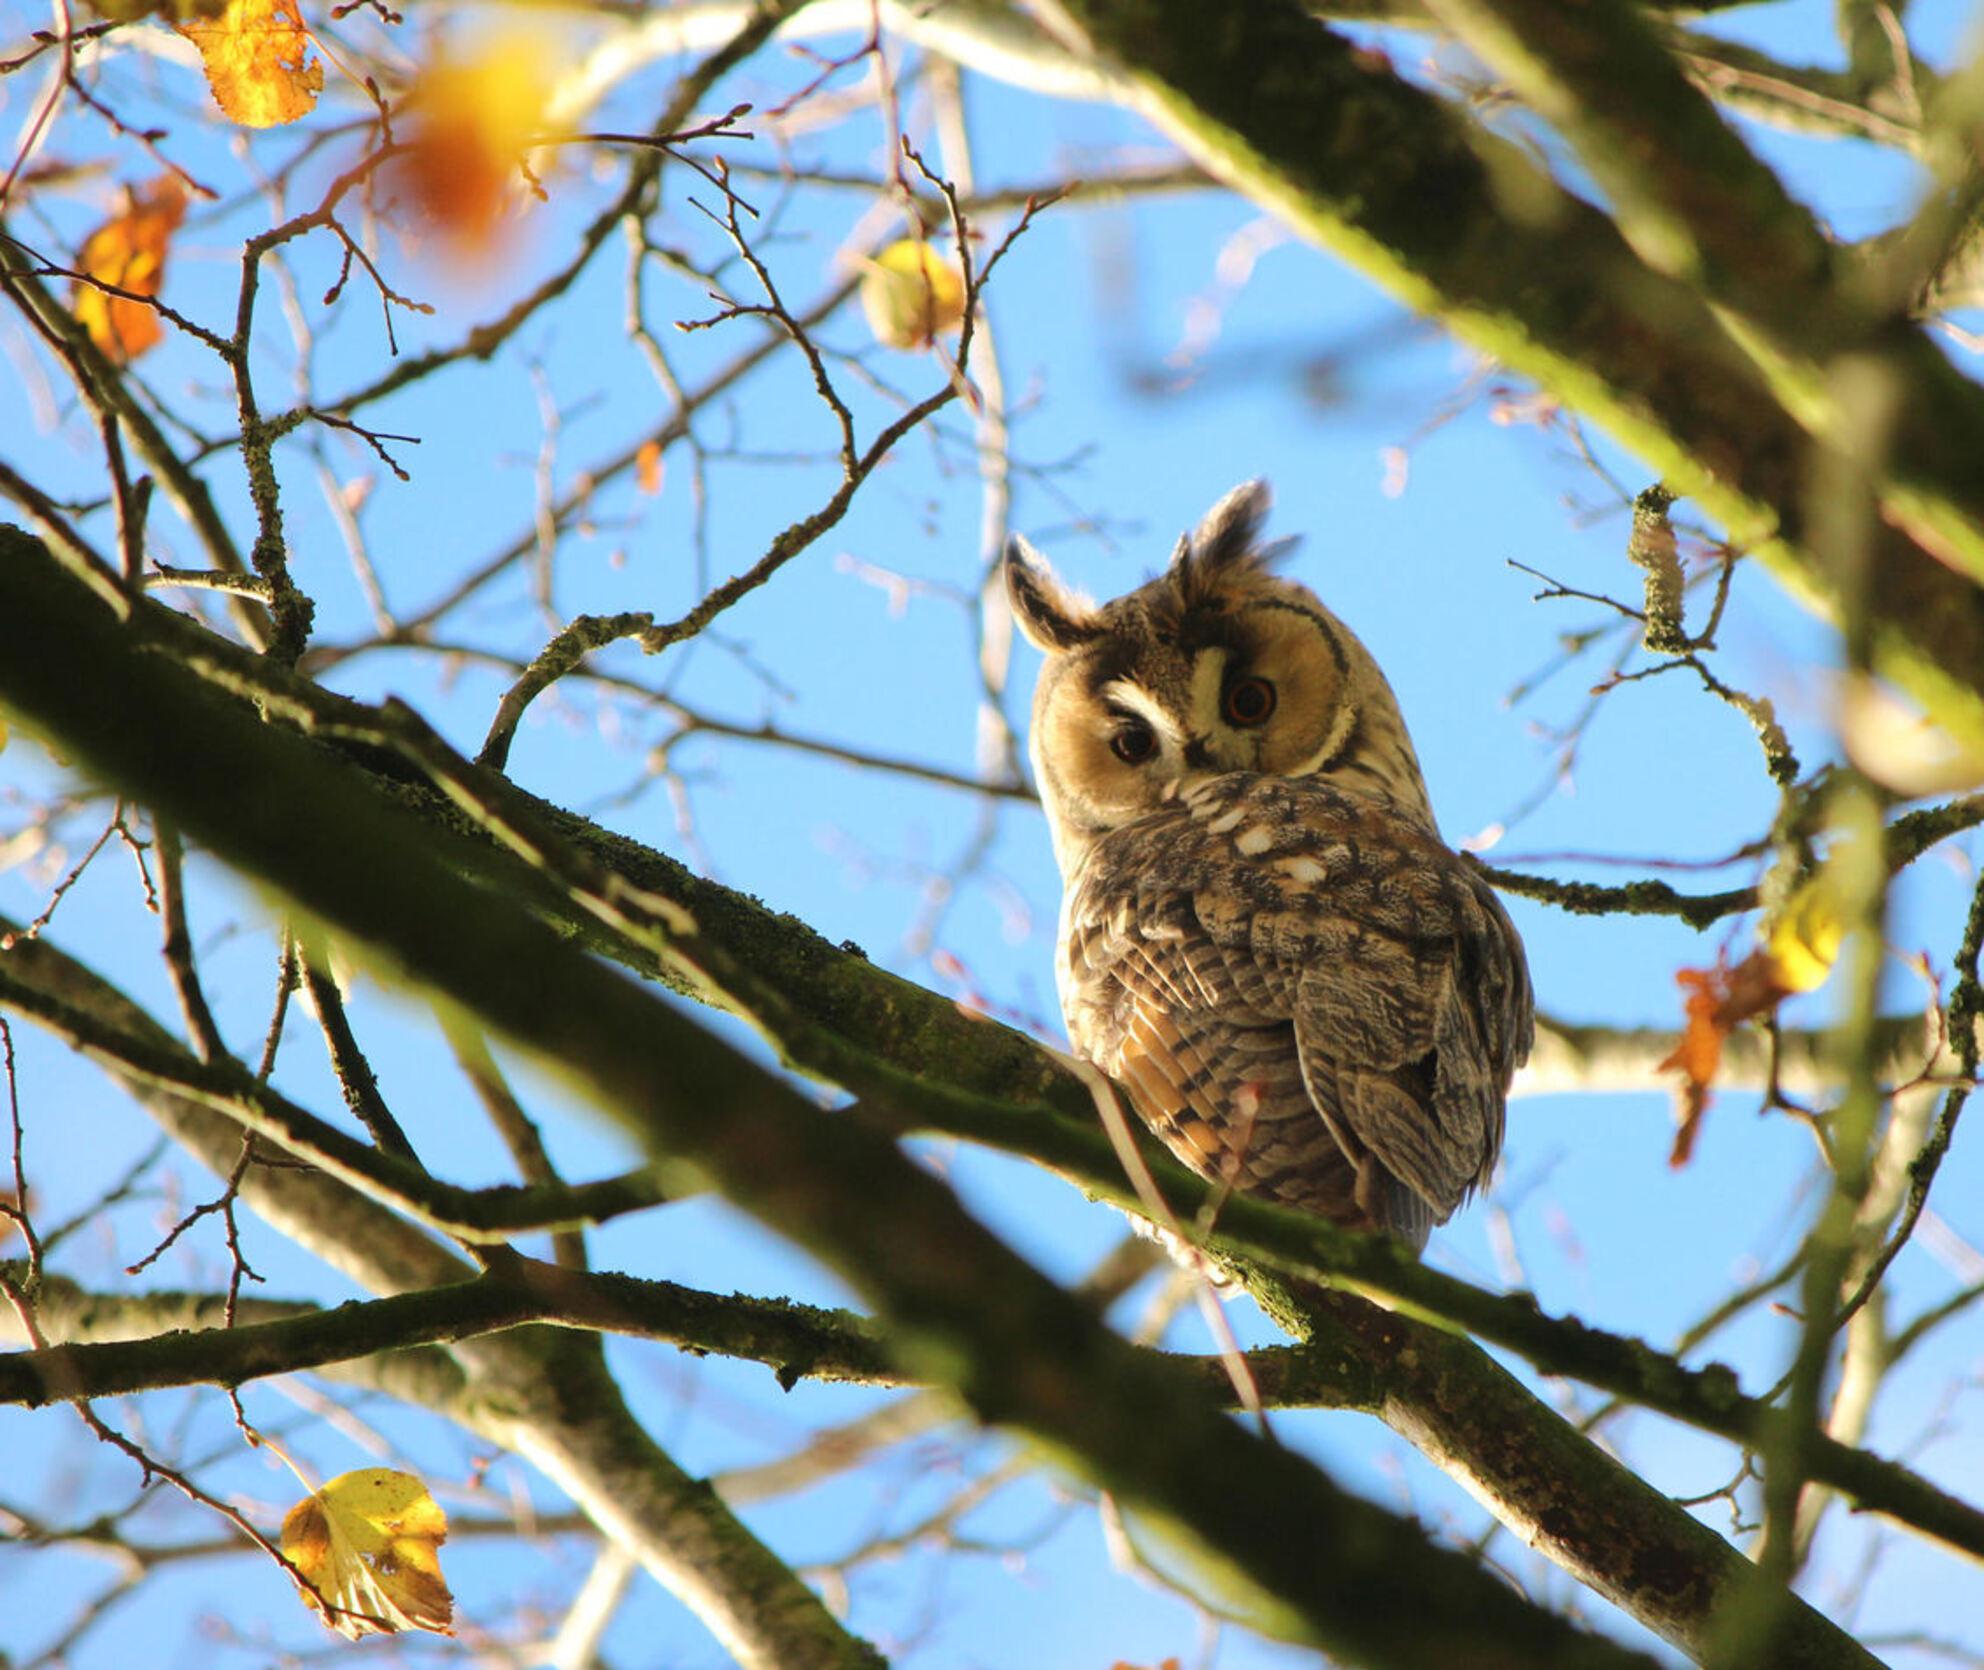 ransuil in herfstboom - jong van de ransuilen. geen beschutting meer tussen blaadjes.... - foto door ljdrost op 05-11-2015 - deze foto bevat: herfst, ransuil, ljdrost, kale boom - Deze foto mag gebruikt worden in een Zoom.nl publicatie